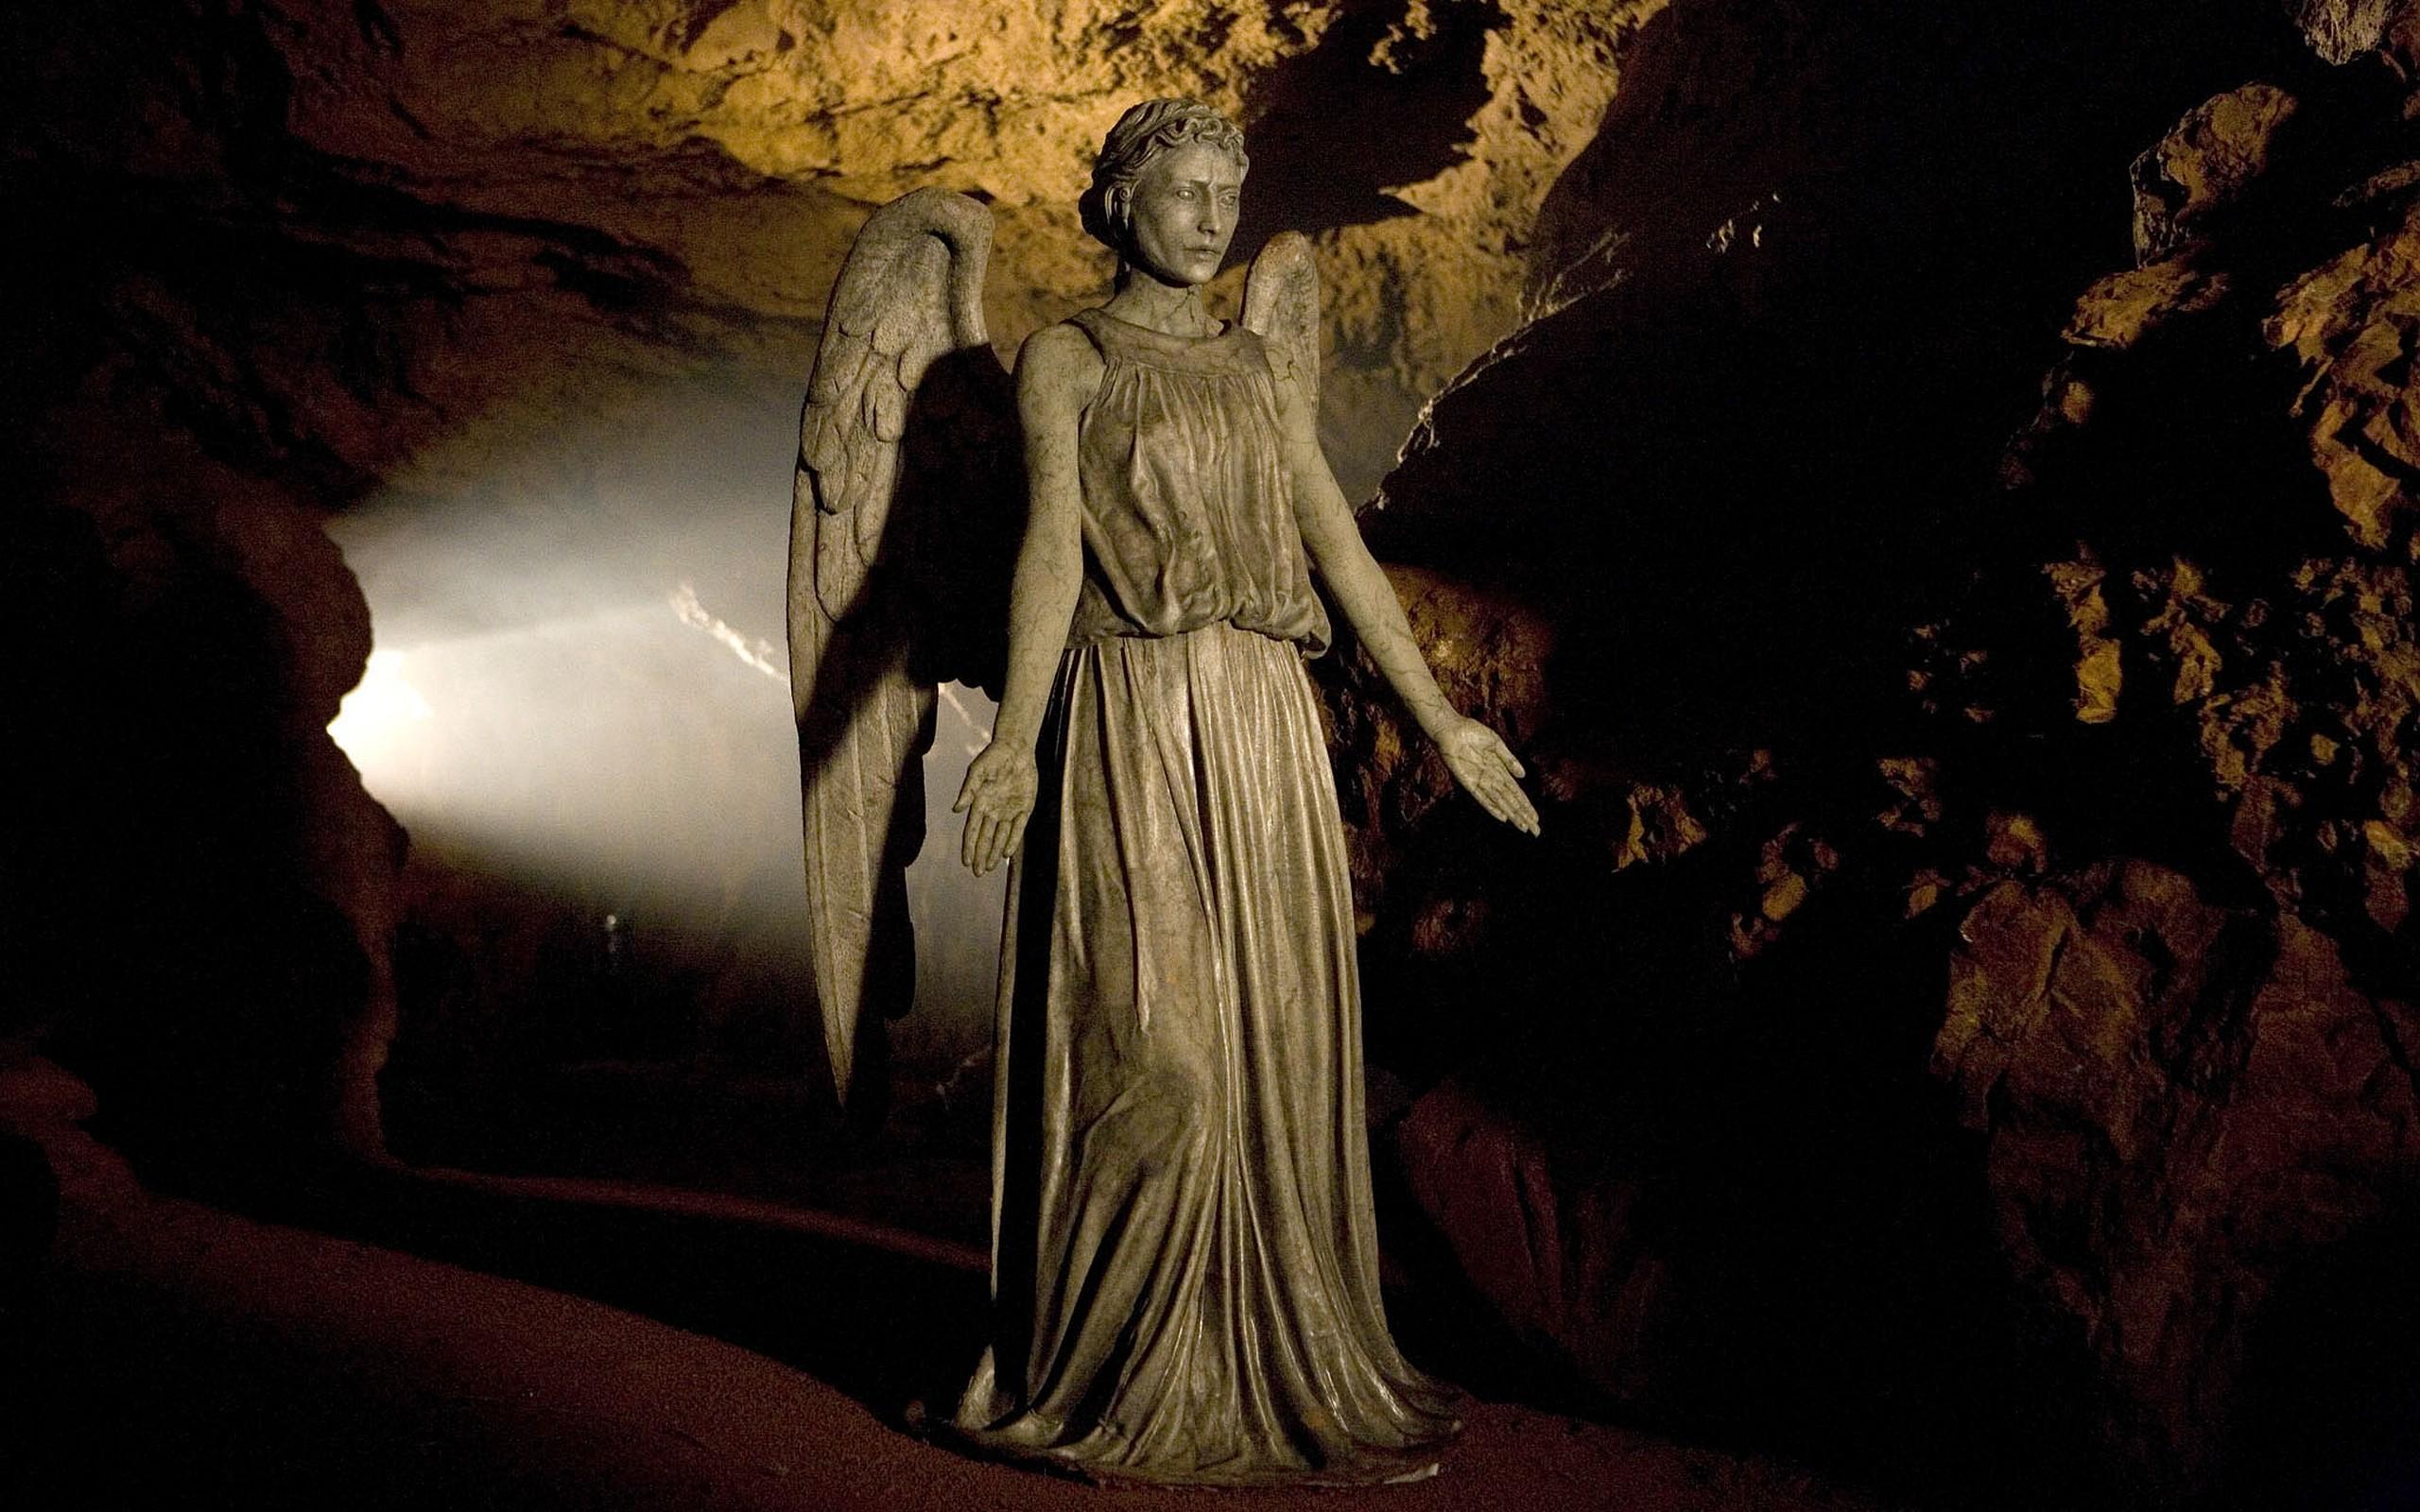 live angel wallpaper 51 images